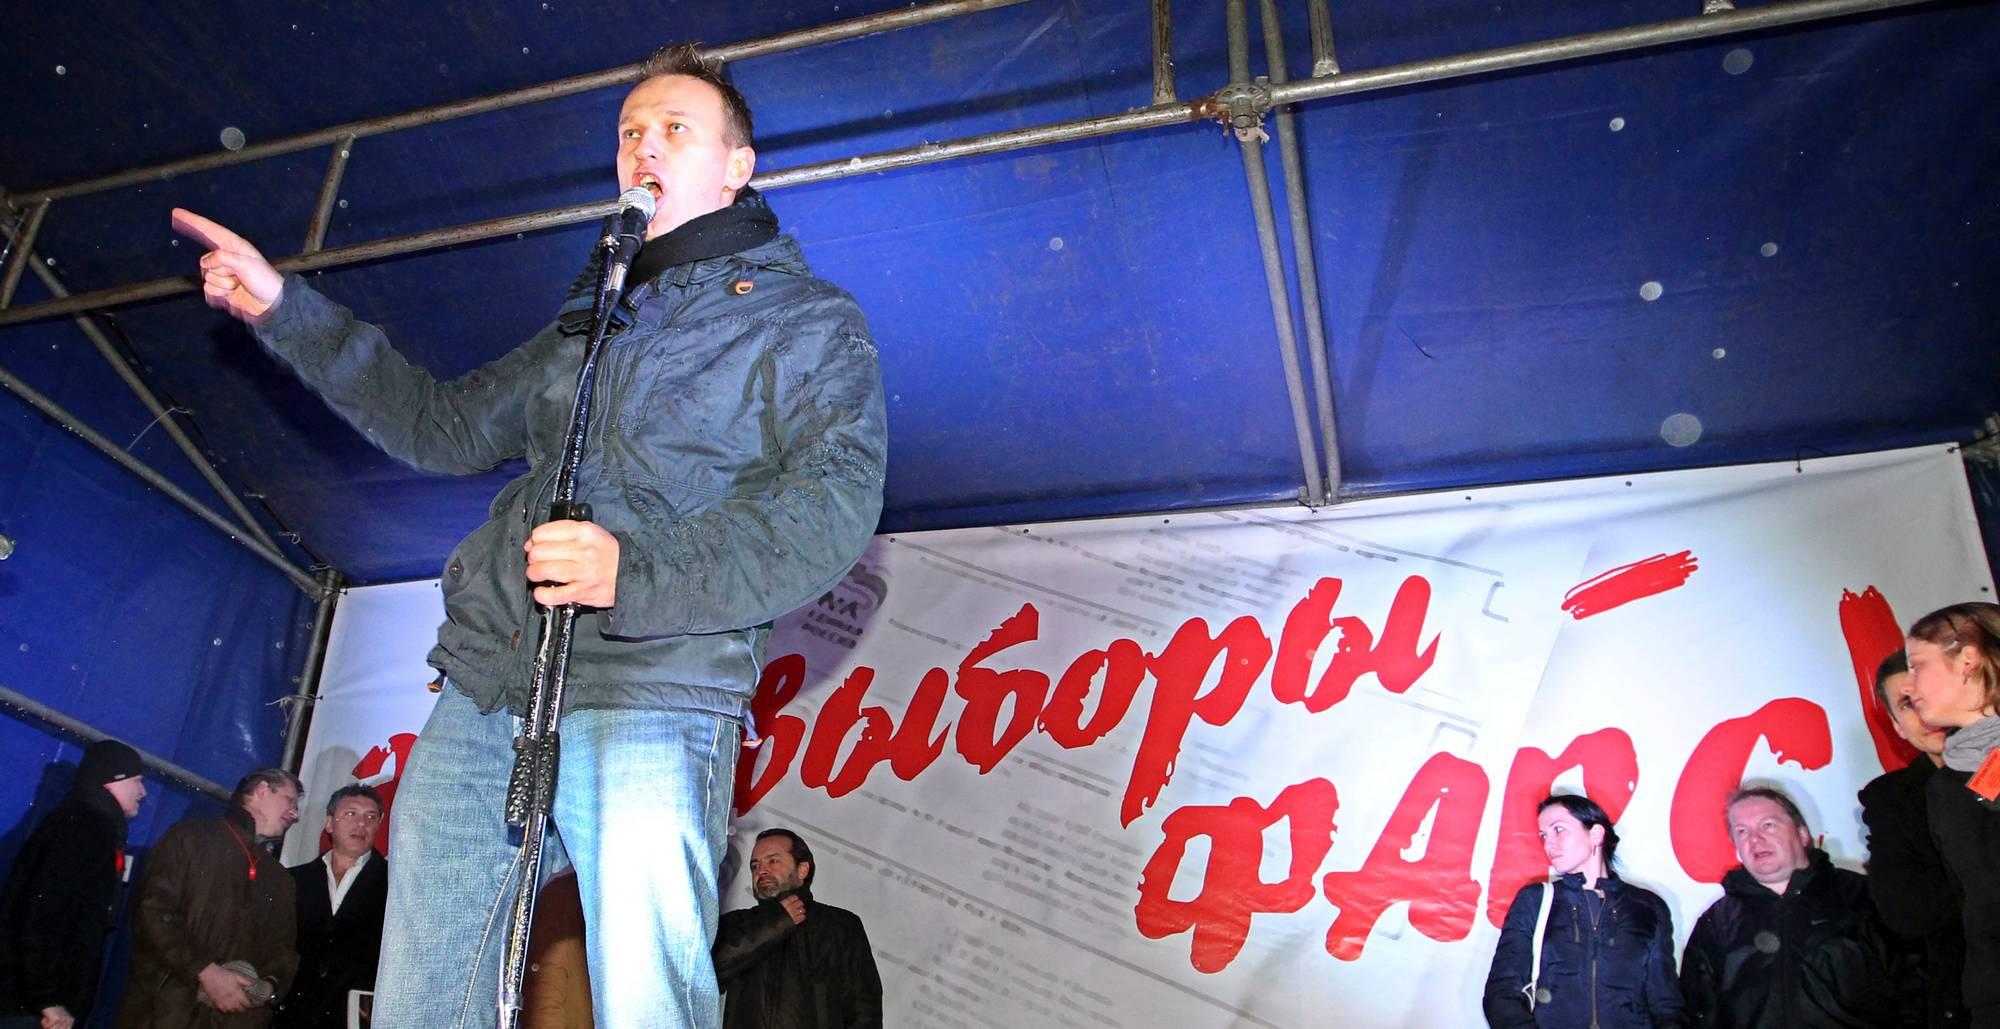 Aleksei Navalnyi puhui parlamenttivaalien virallista tulosta vastustaneessa mielenosoituksessa Moskovassa 5. joulukuuta 2011.